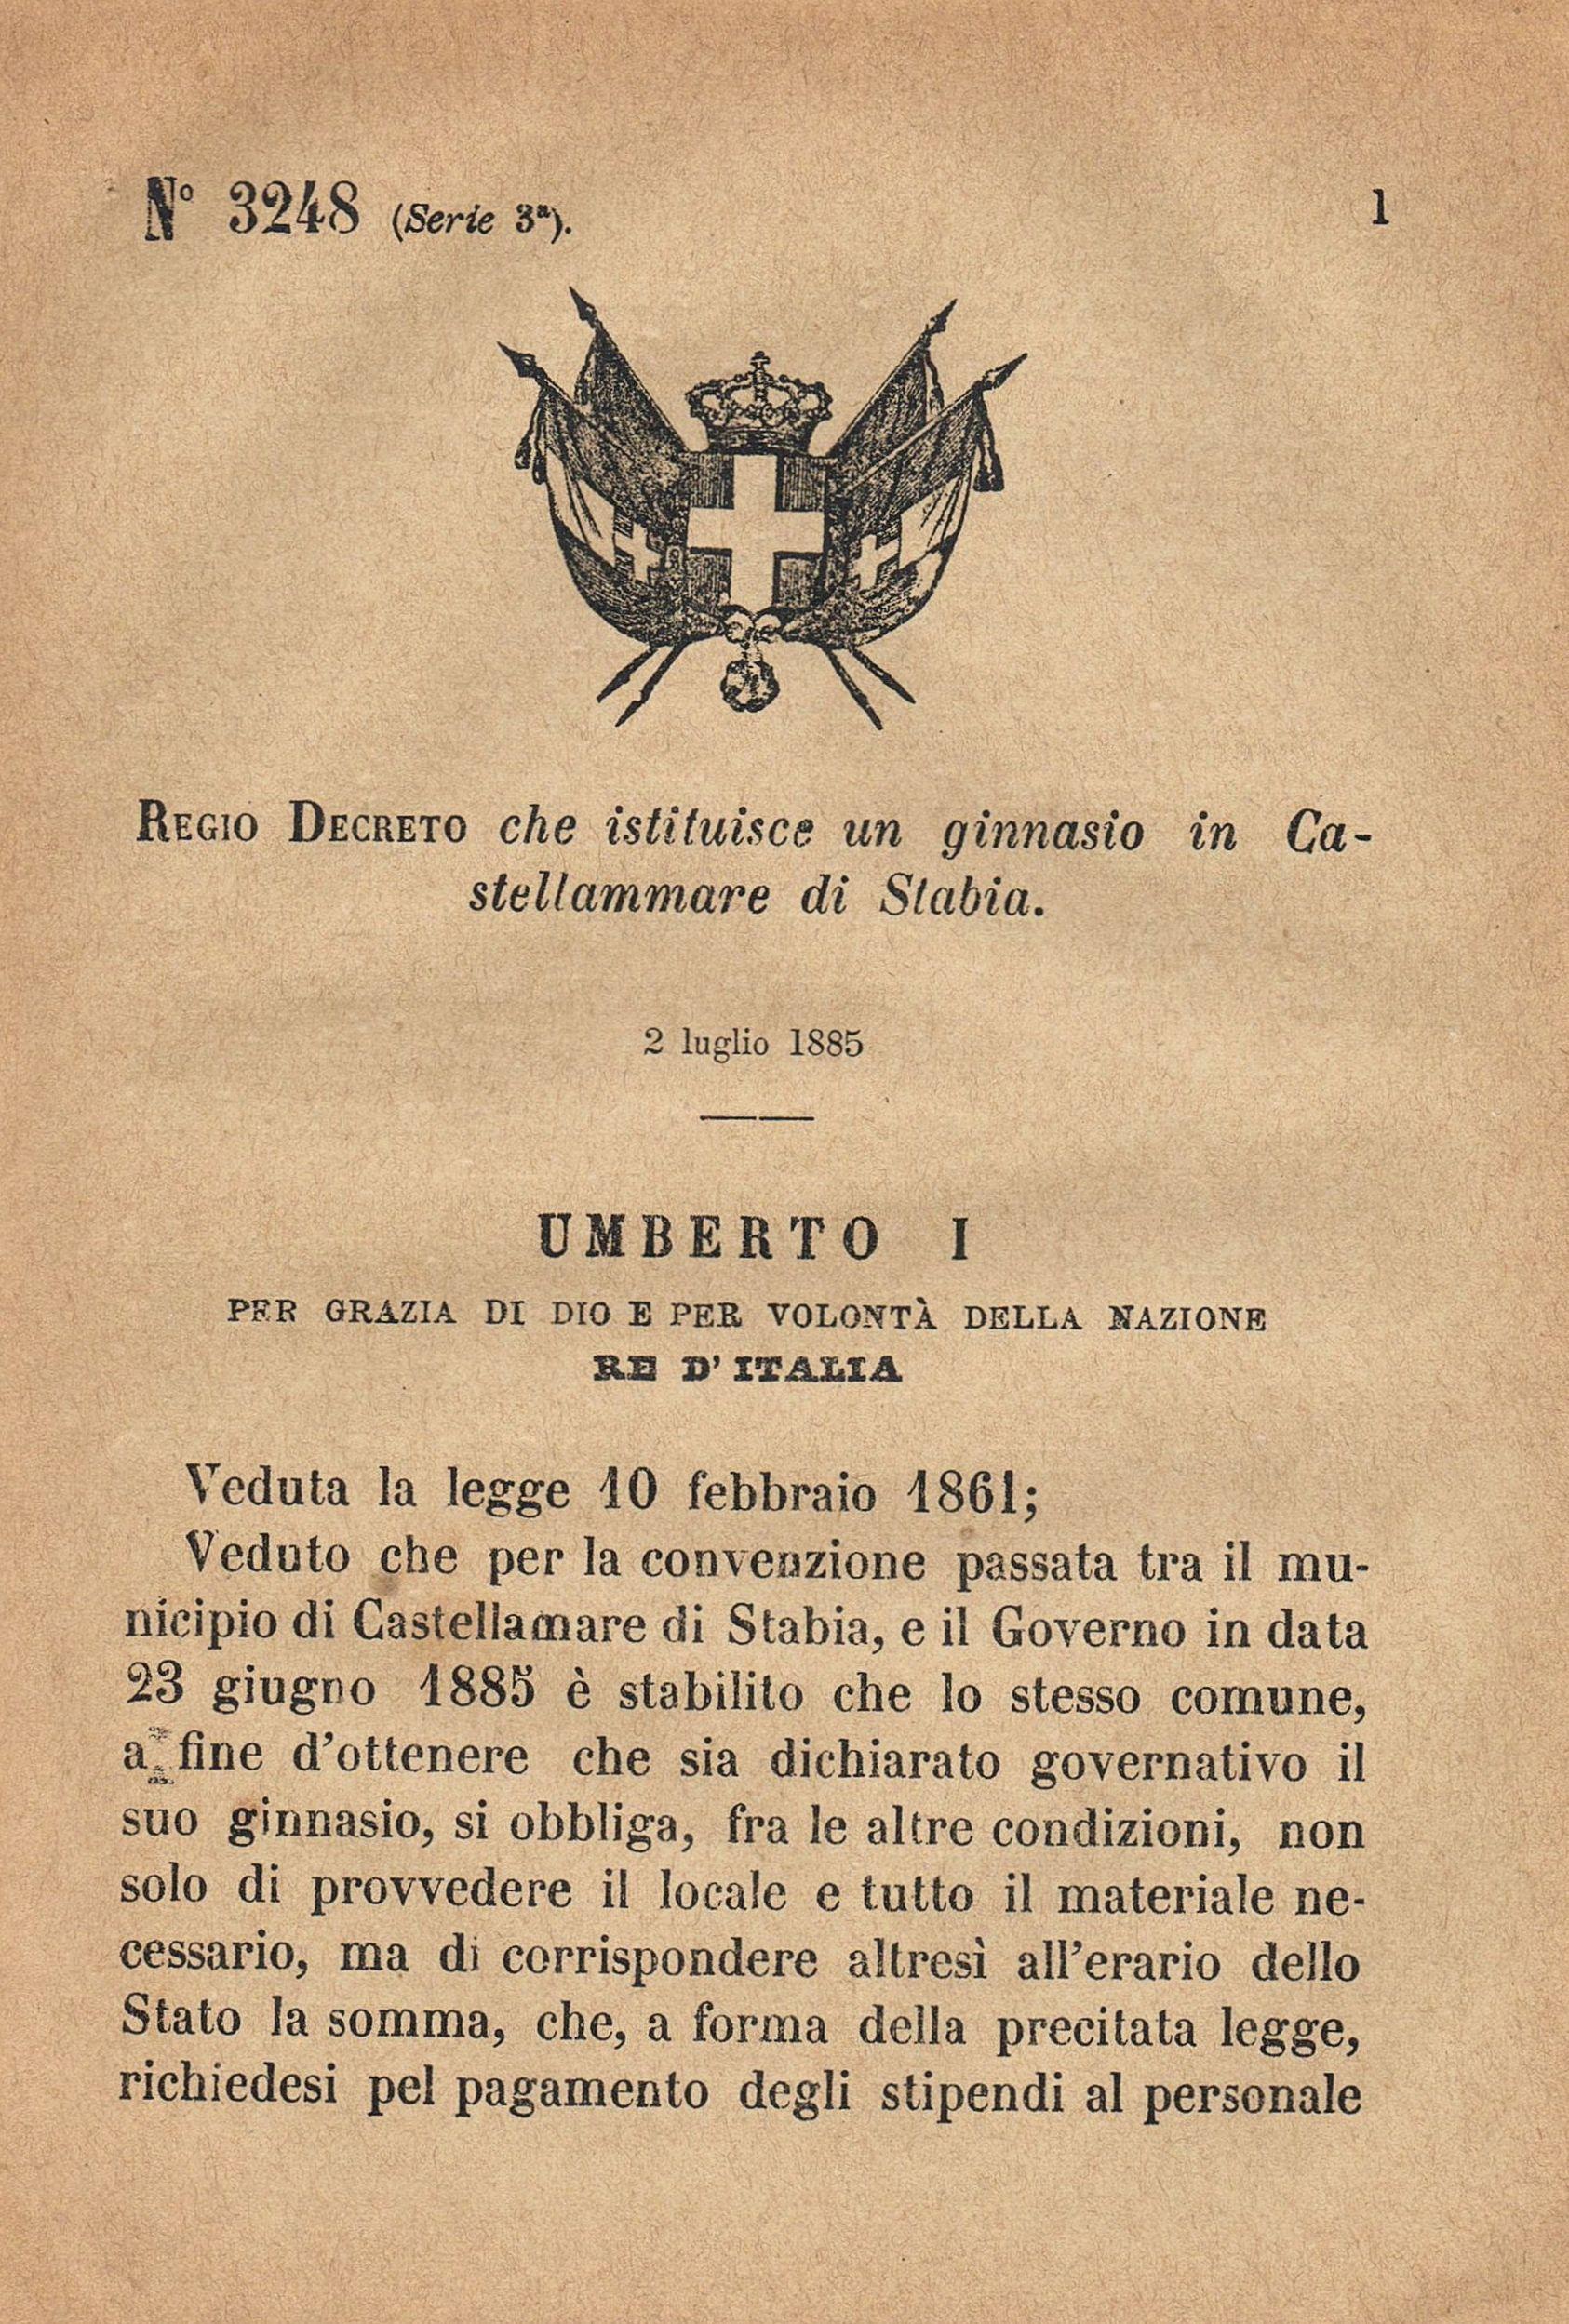 REGIO DECRETO: ginnasio in Castellammare di Stabia ( coll. privata prof. Bonuccio Gatti )